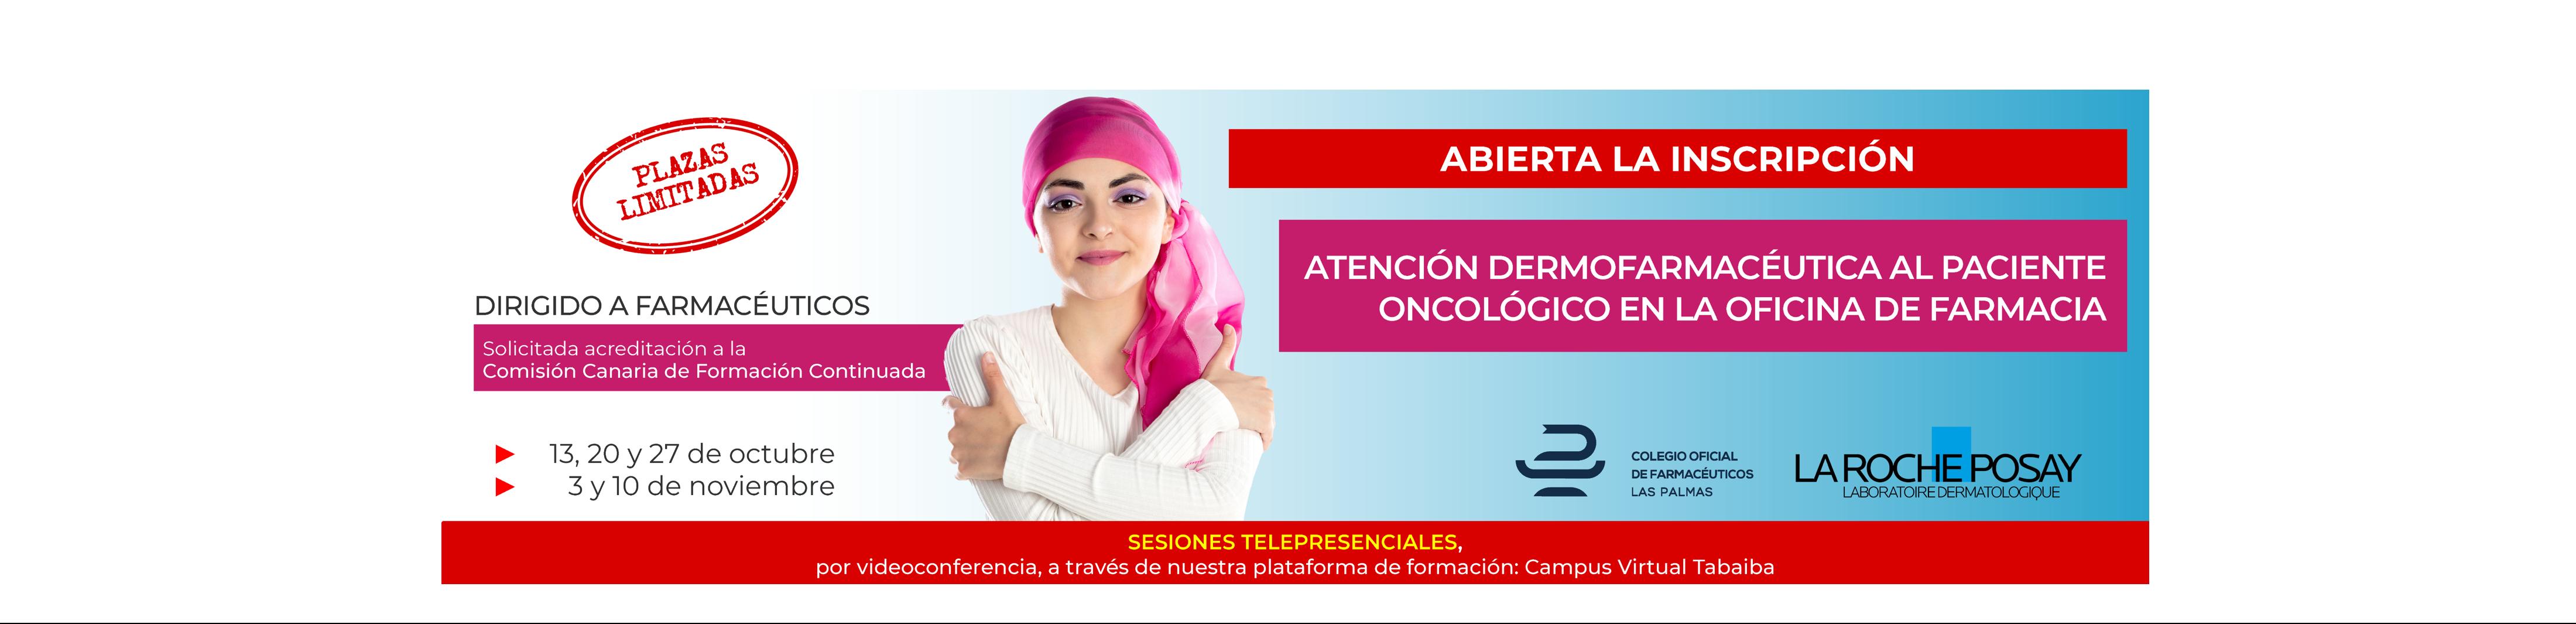 Jornadas de atención Dermofarmacéutica al paciente oncológico en la farmacia comunitaria.